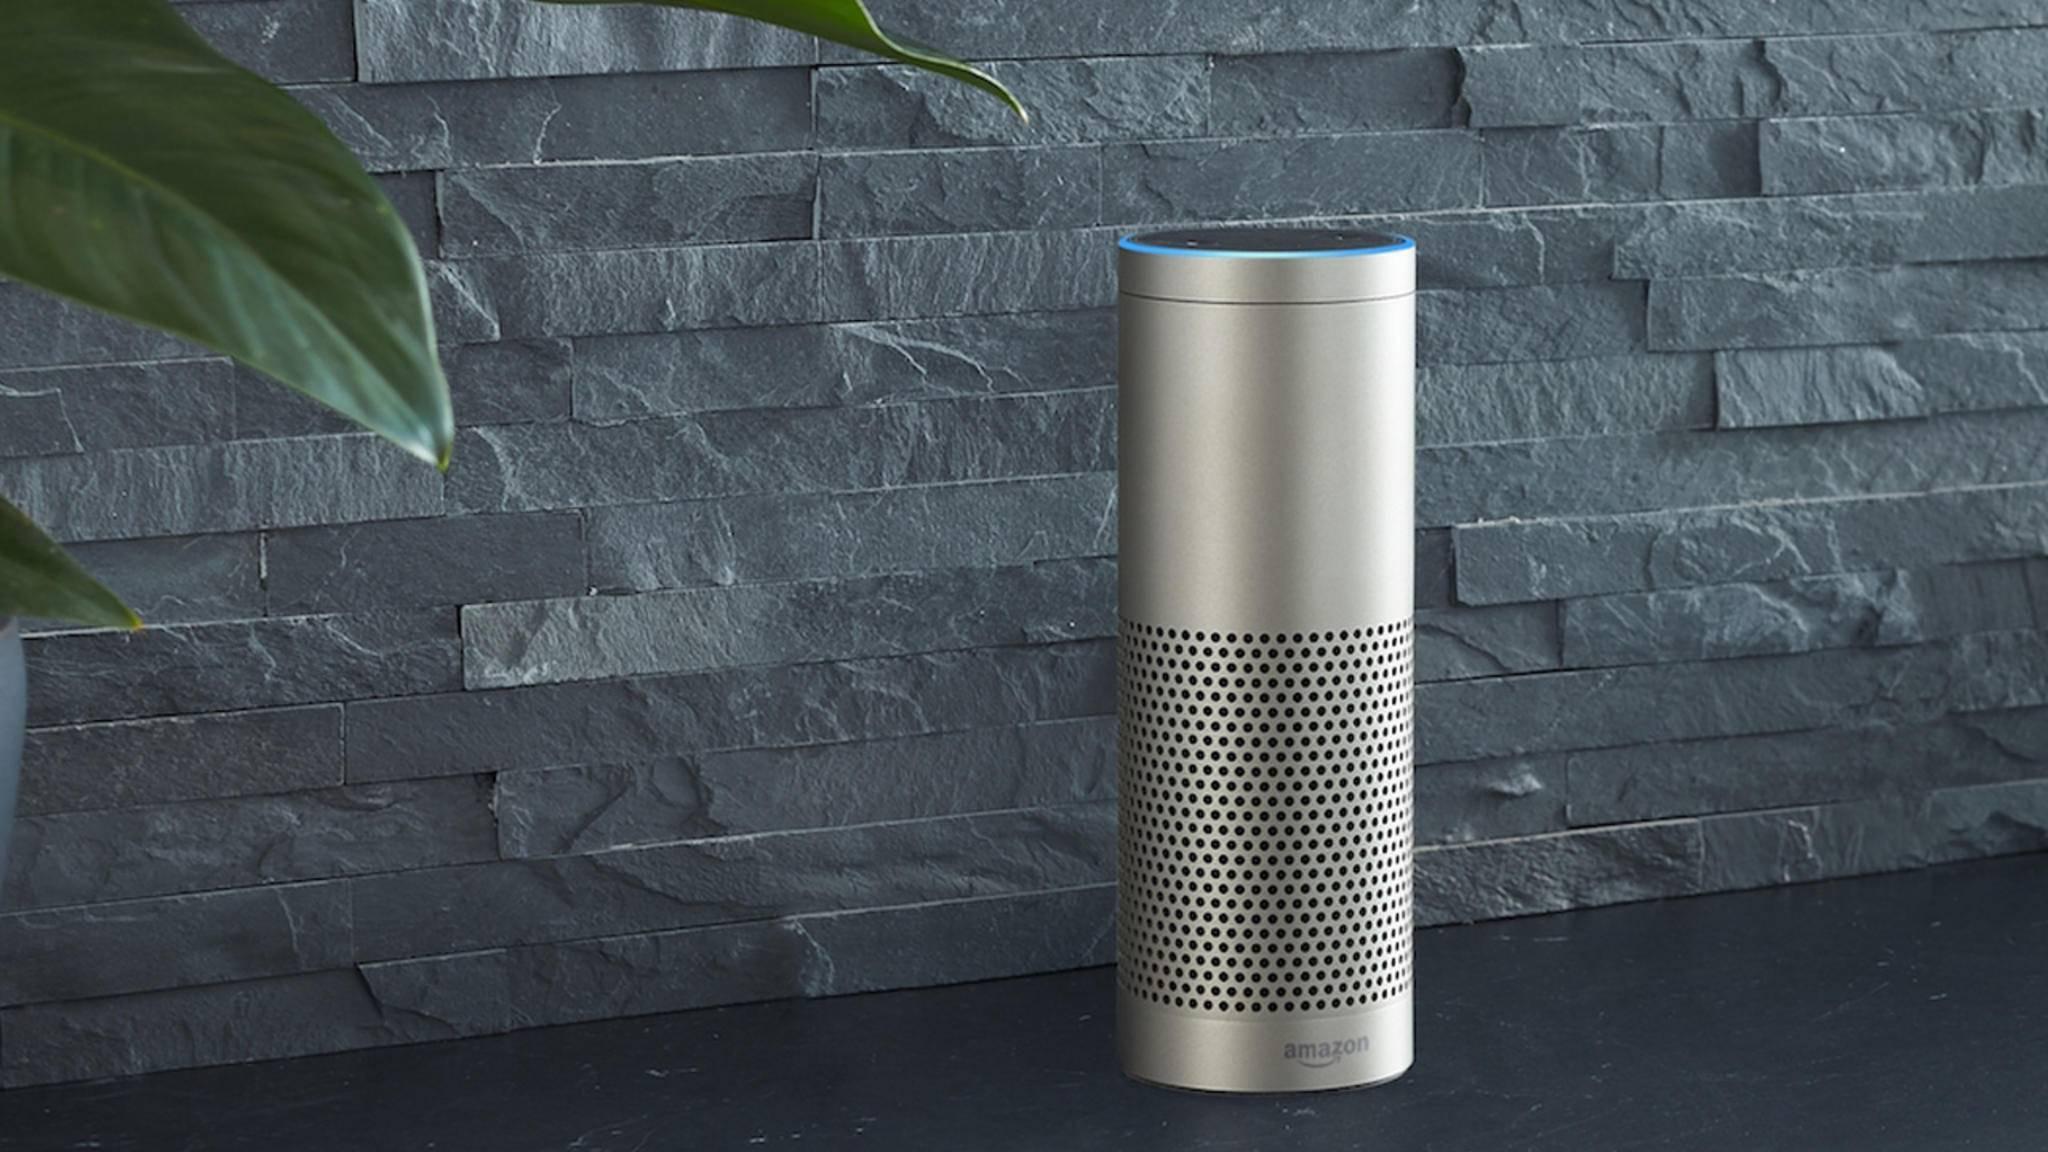 Noch brauchen die Echo-Lautsprecher ständig Strom. Verzichtet Amazon bei zukünftigen Lautsprechern vielleicht komplett auf das Stromkabel?